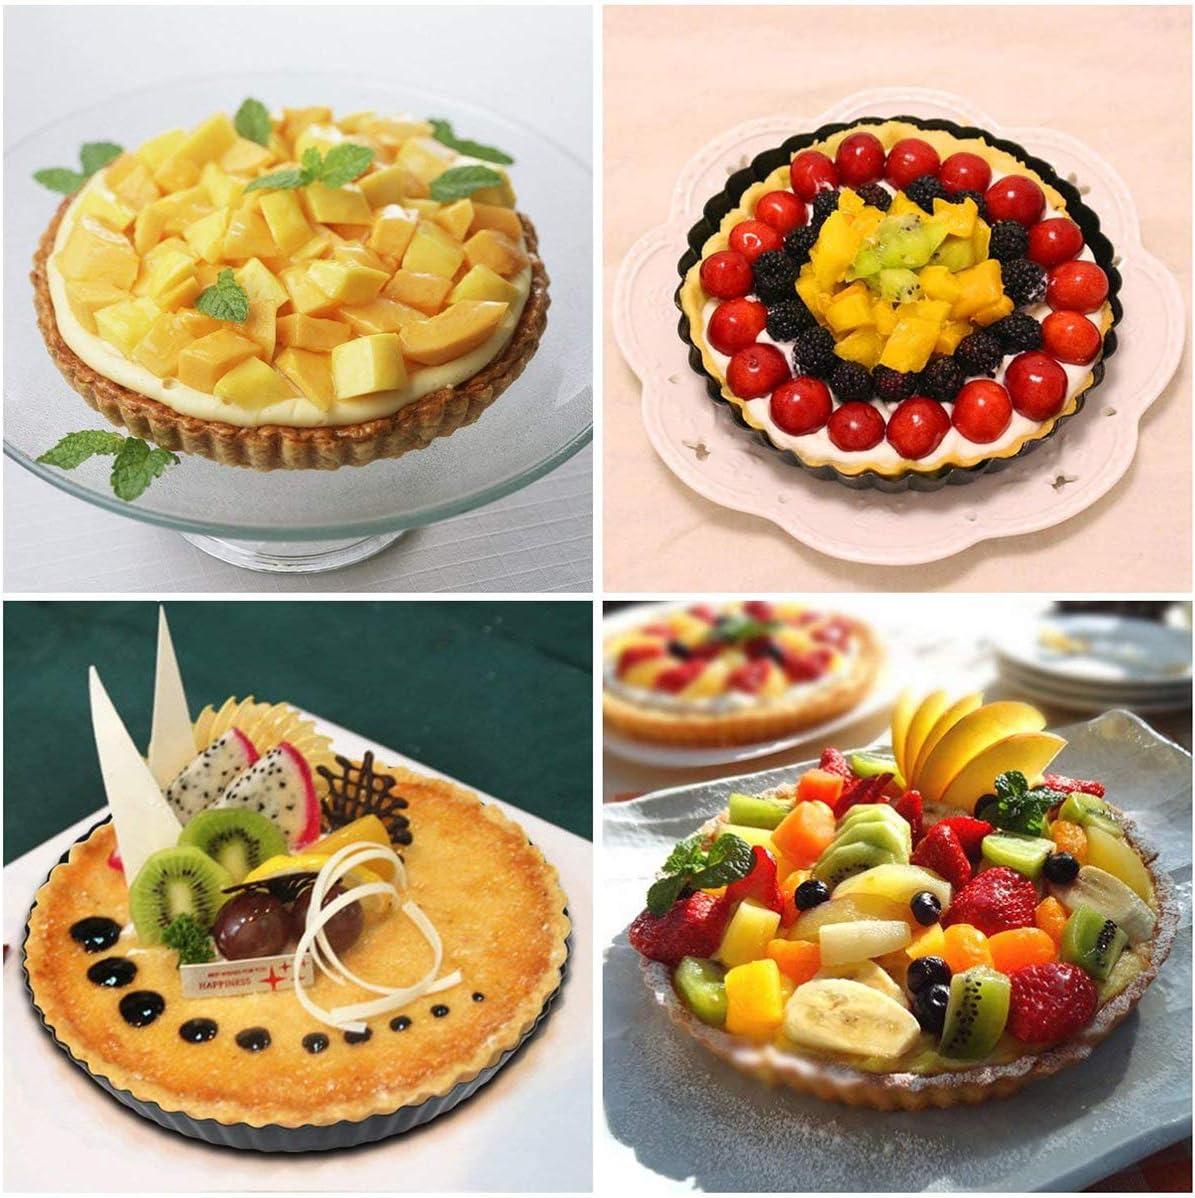 mengger 14Pcs Moule /à Tarte Silicone Plat tartelettes Mini Quiche Moule moulle Rev/êtement Antiadh/ésif pour Tartes G/âteaux Pudding Flan Round Cake Molds